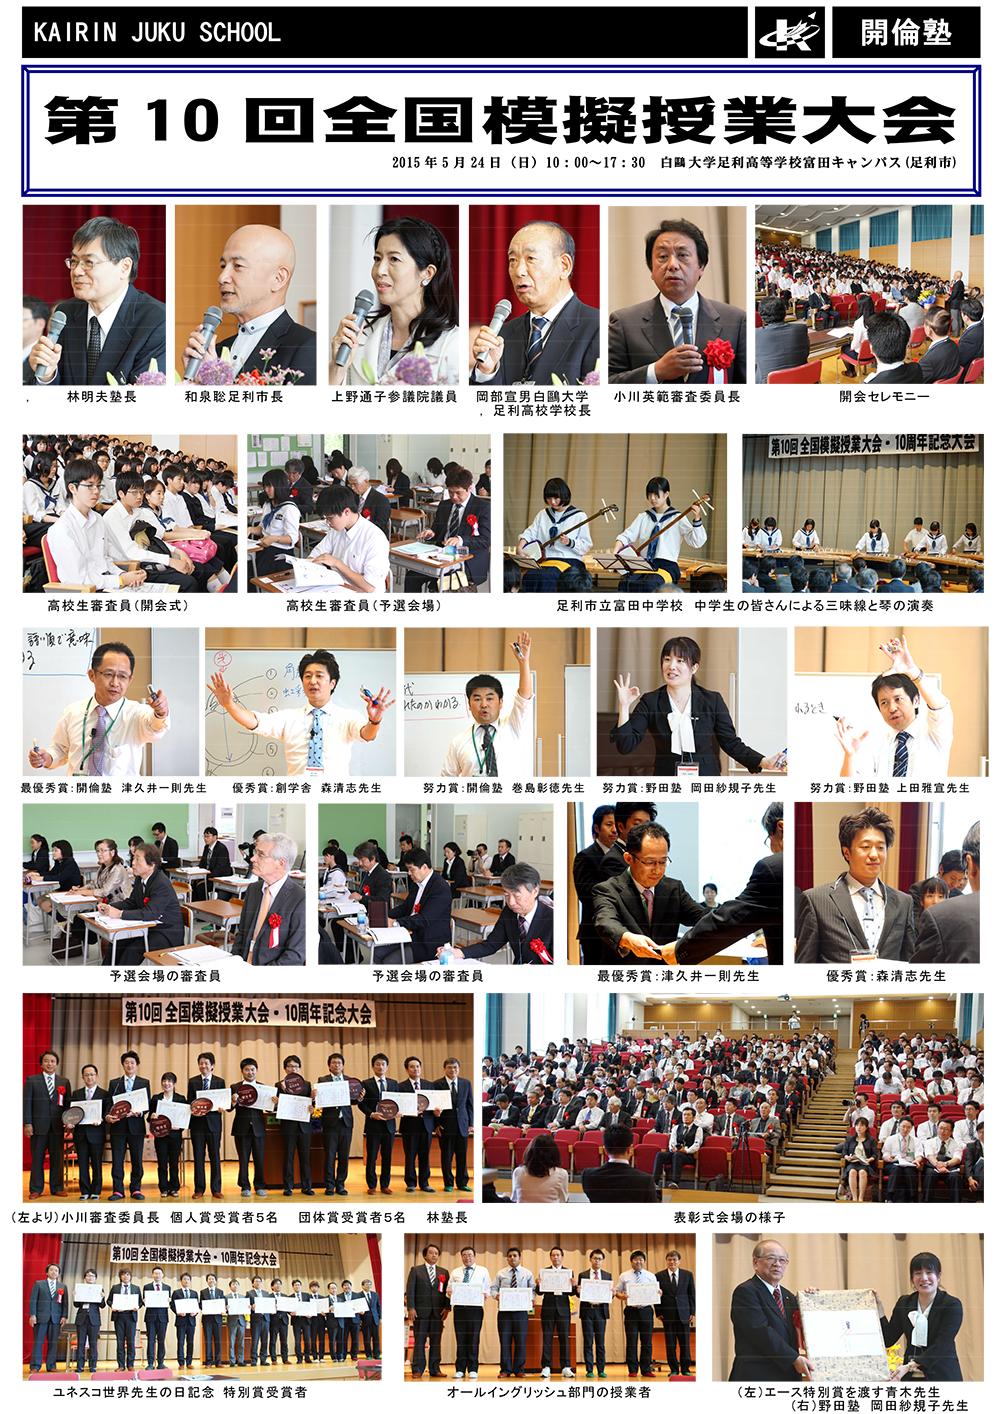 模擬授業大会の様子2015